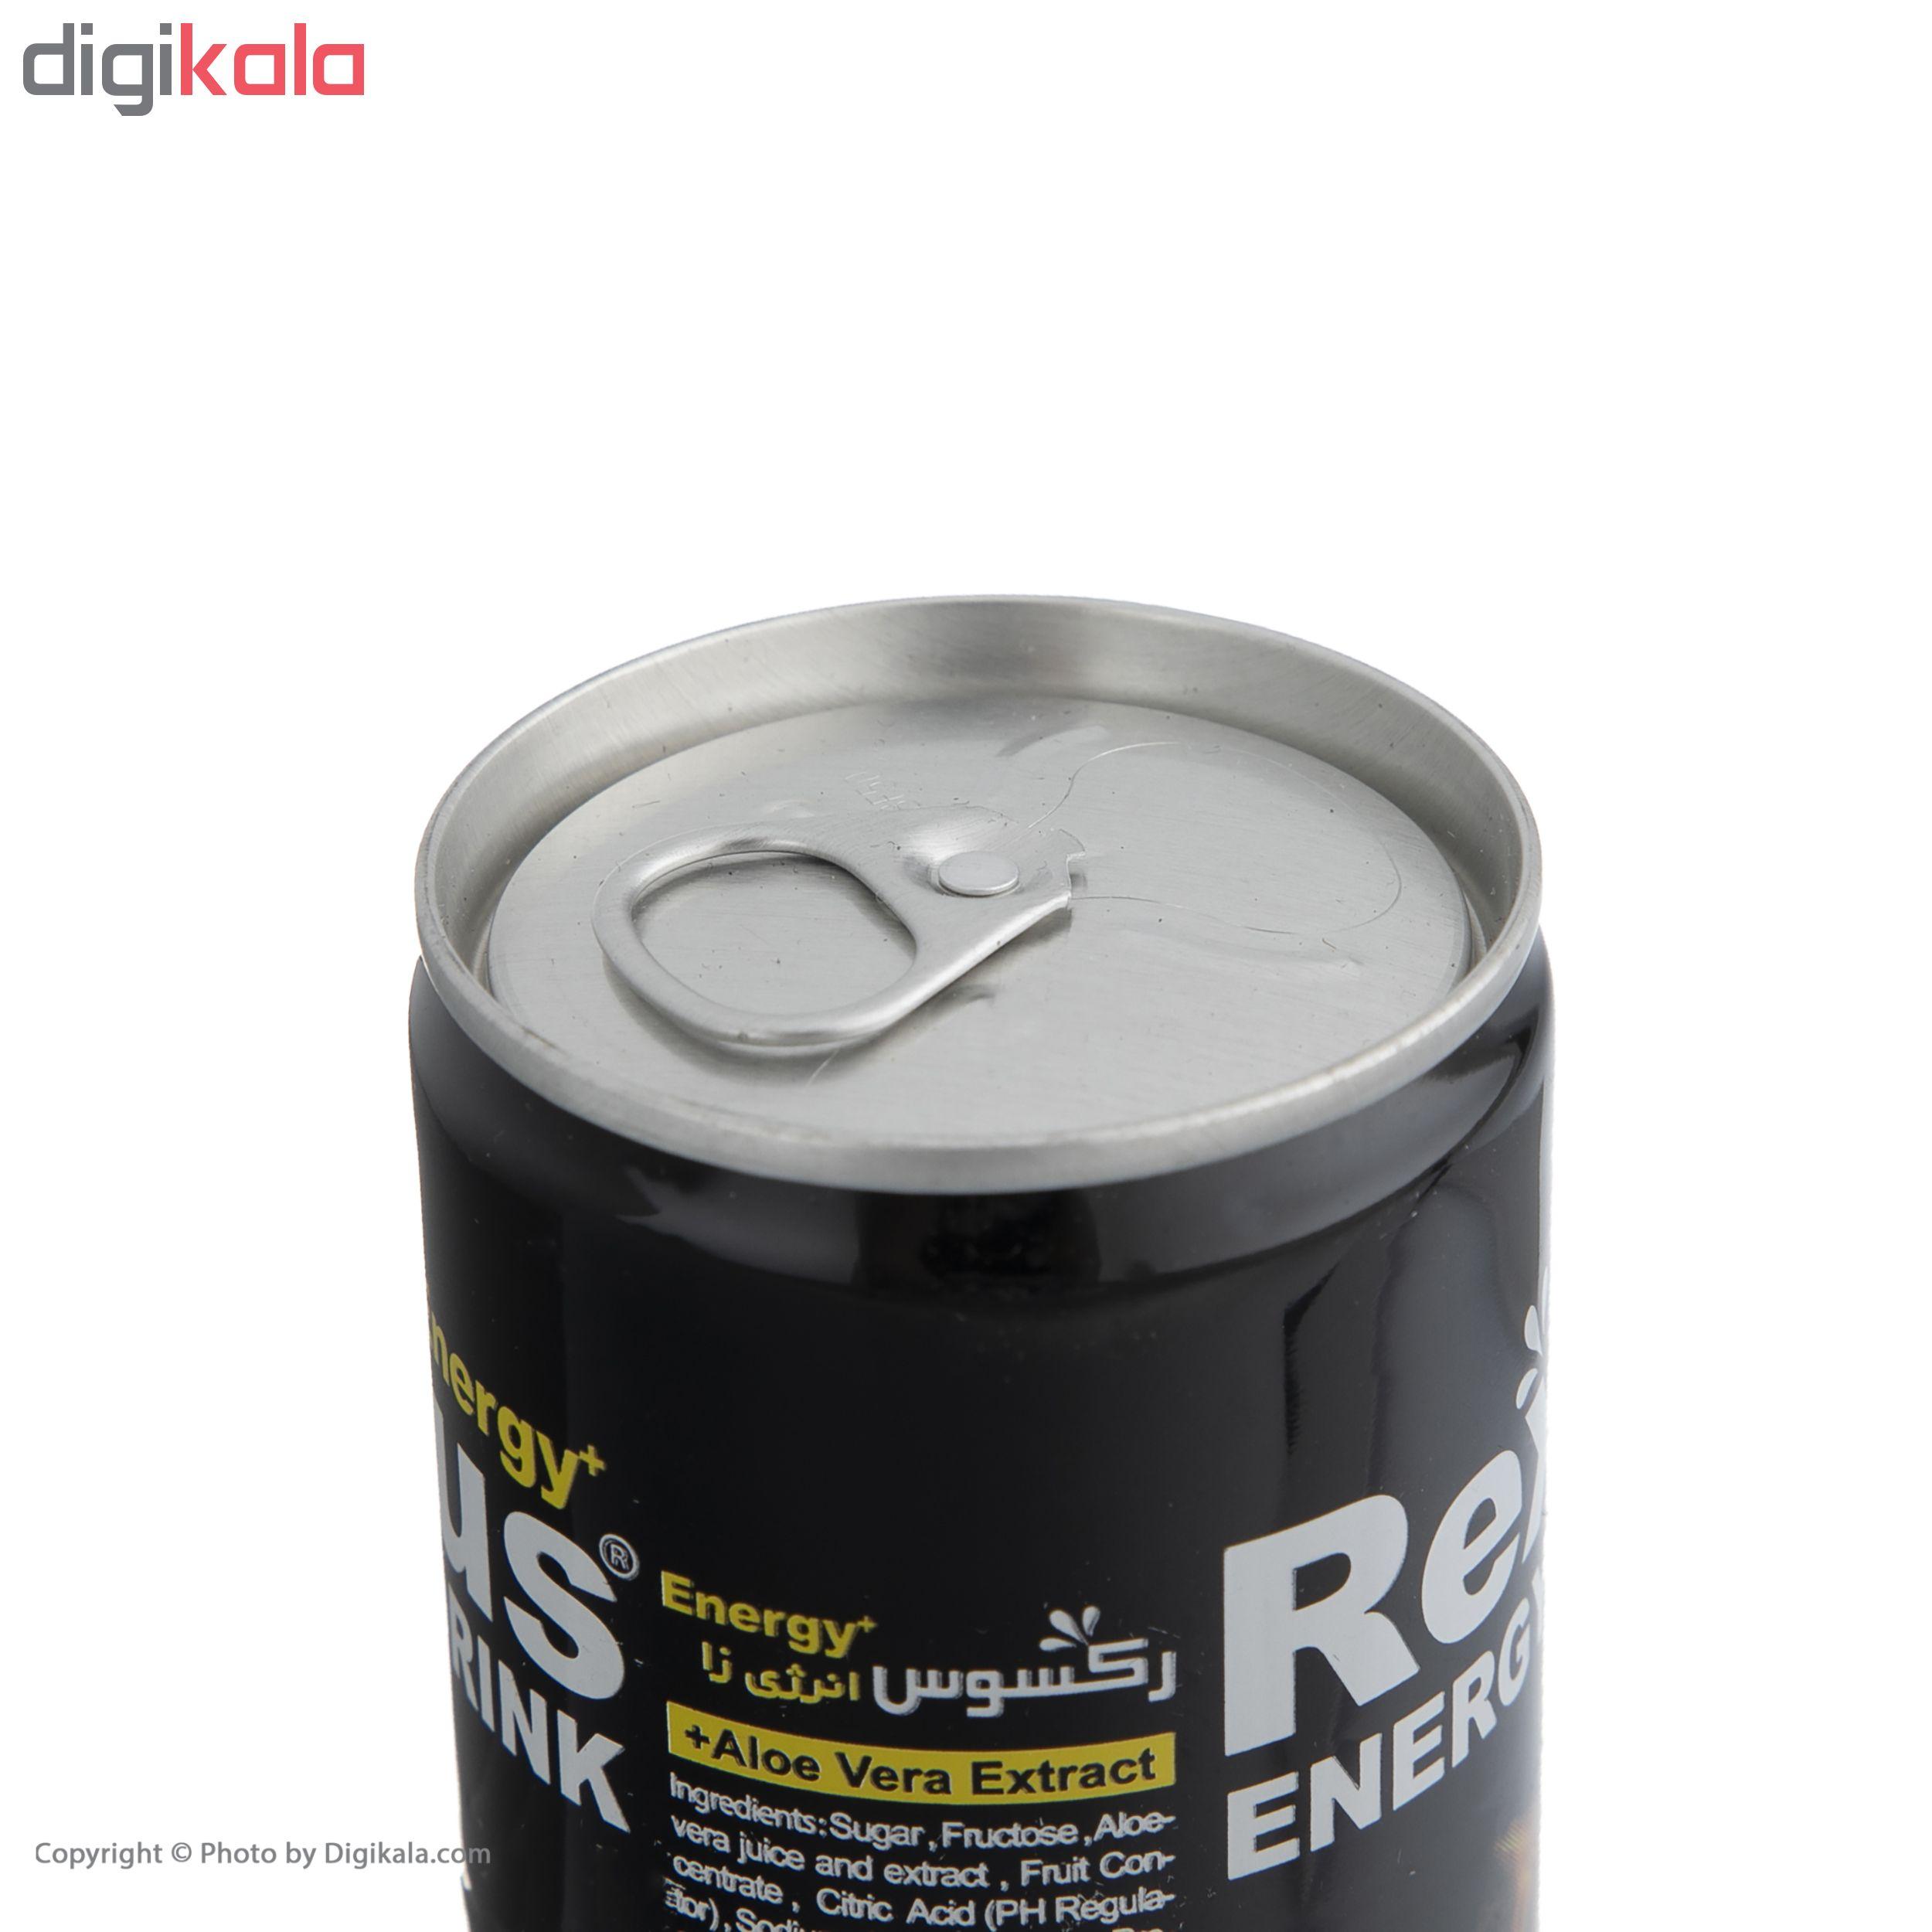 نوشیدنی انرژی زا رکسوس - 250 میلی لیتر main 1 4